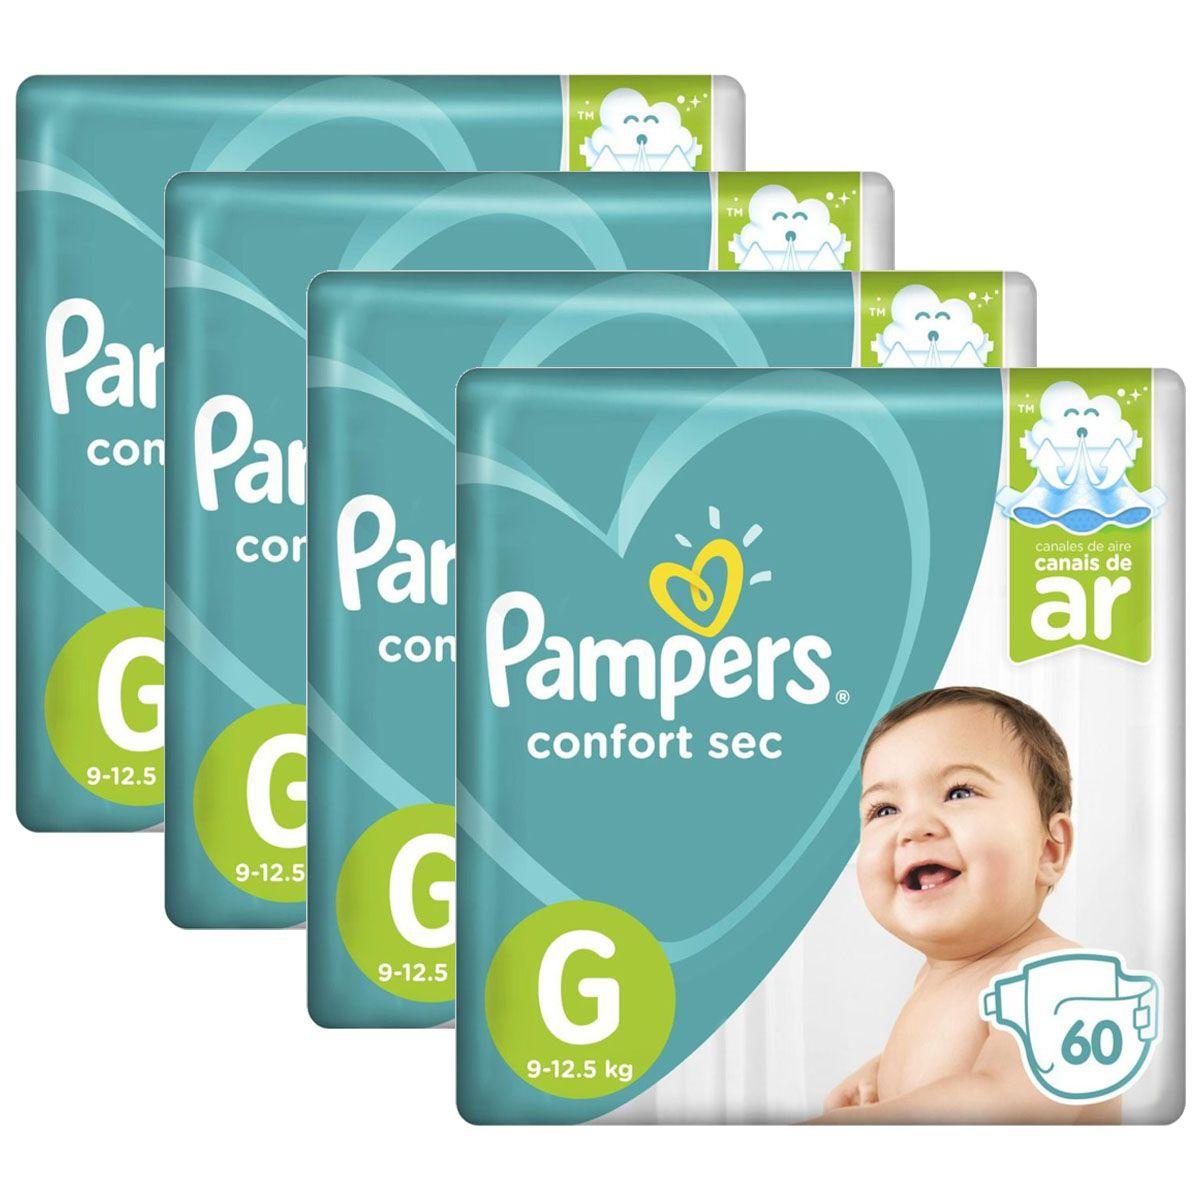 Kit Fralda Pampers Confort Sec Super Tamanho G 240 unidades